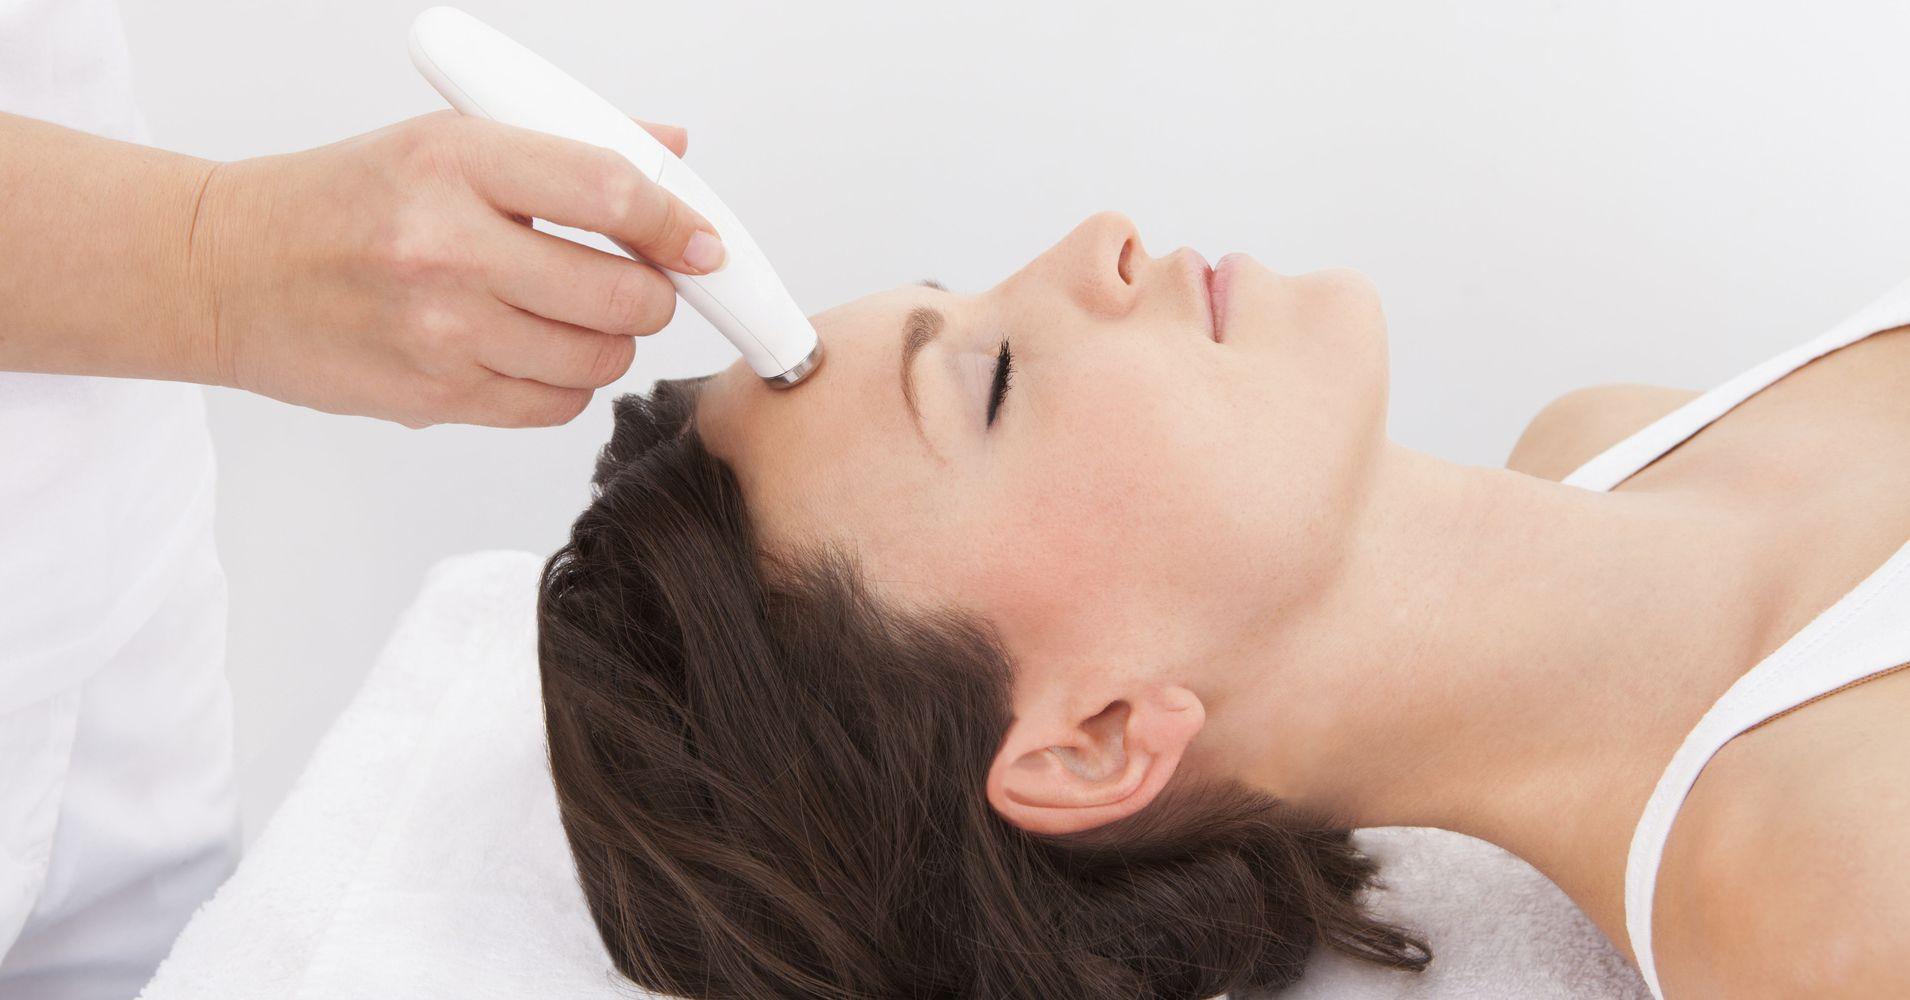 Facial treatment procedure #12